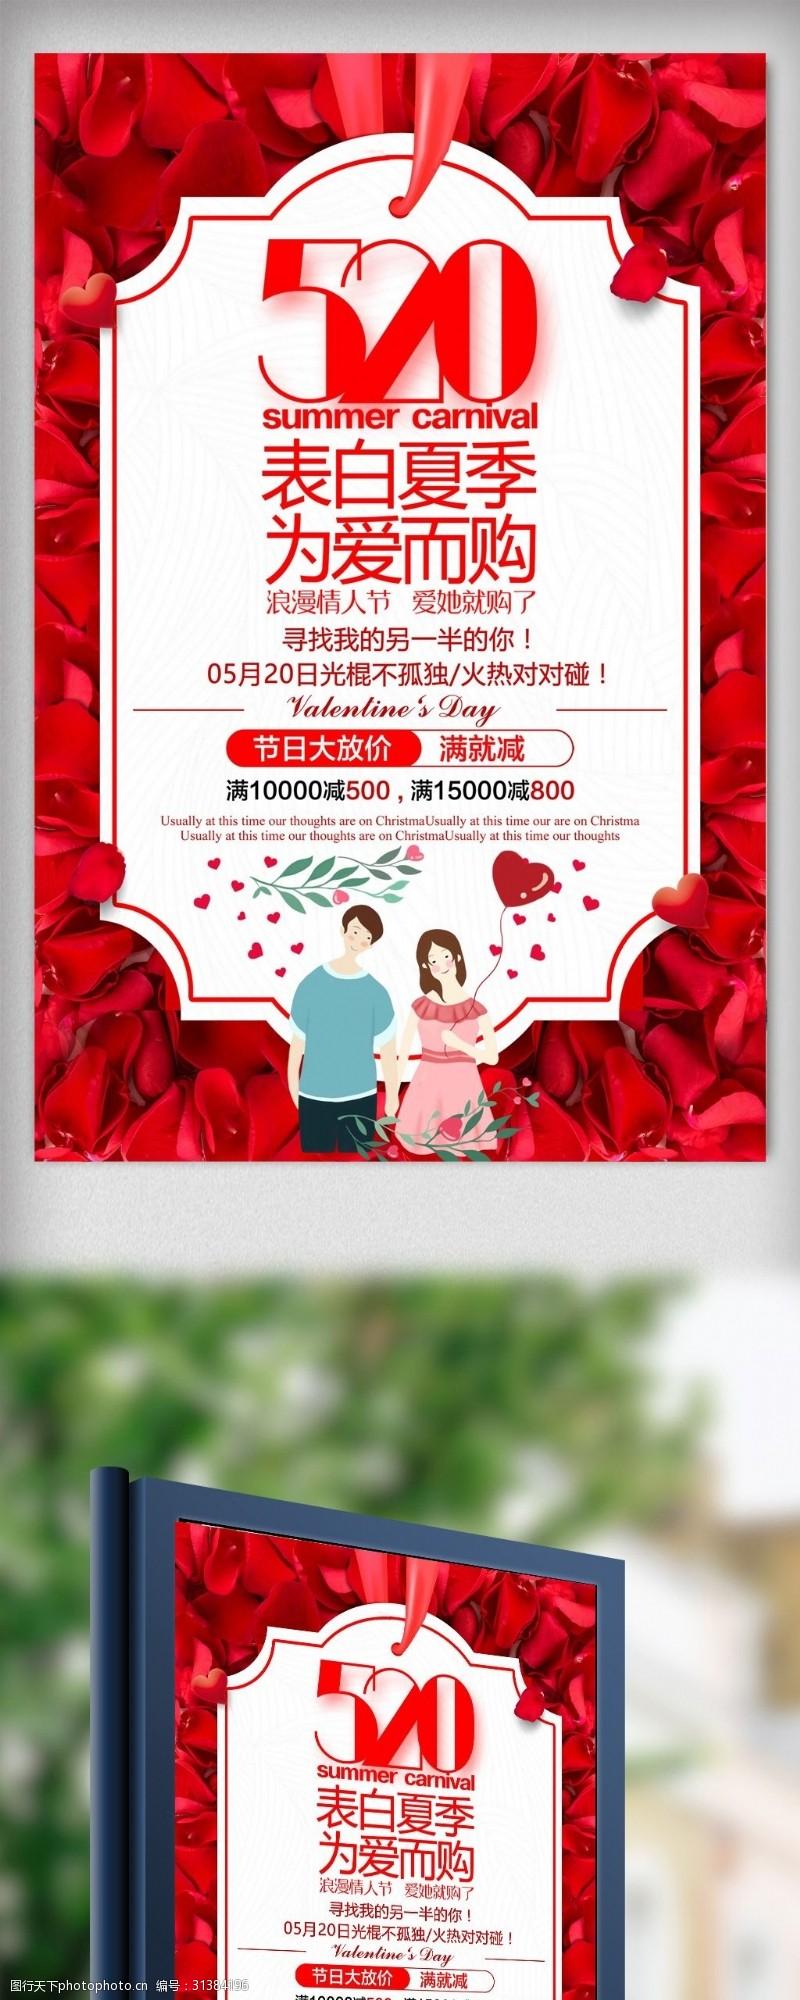 情侣模板红色大气520夏季表白节日促销海报